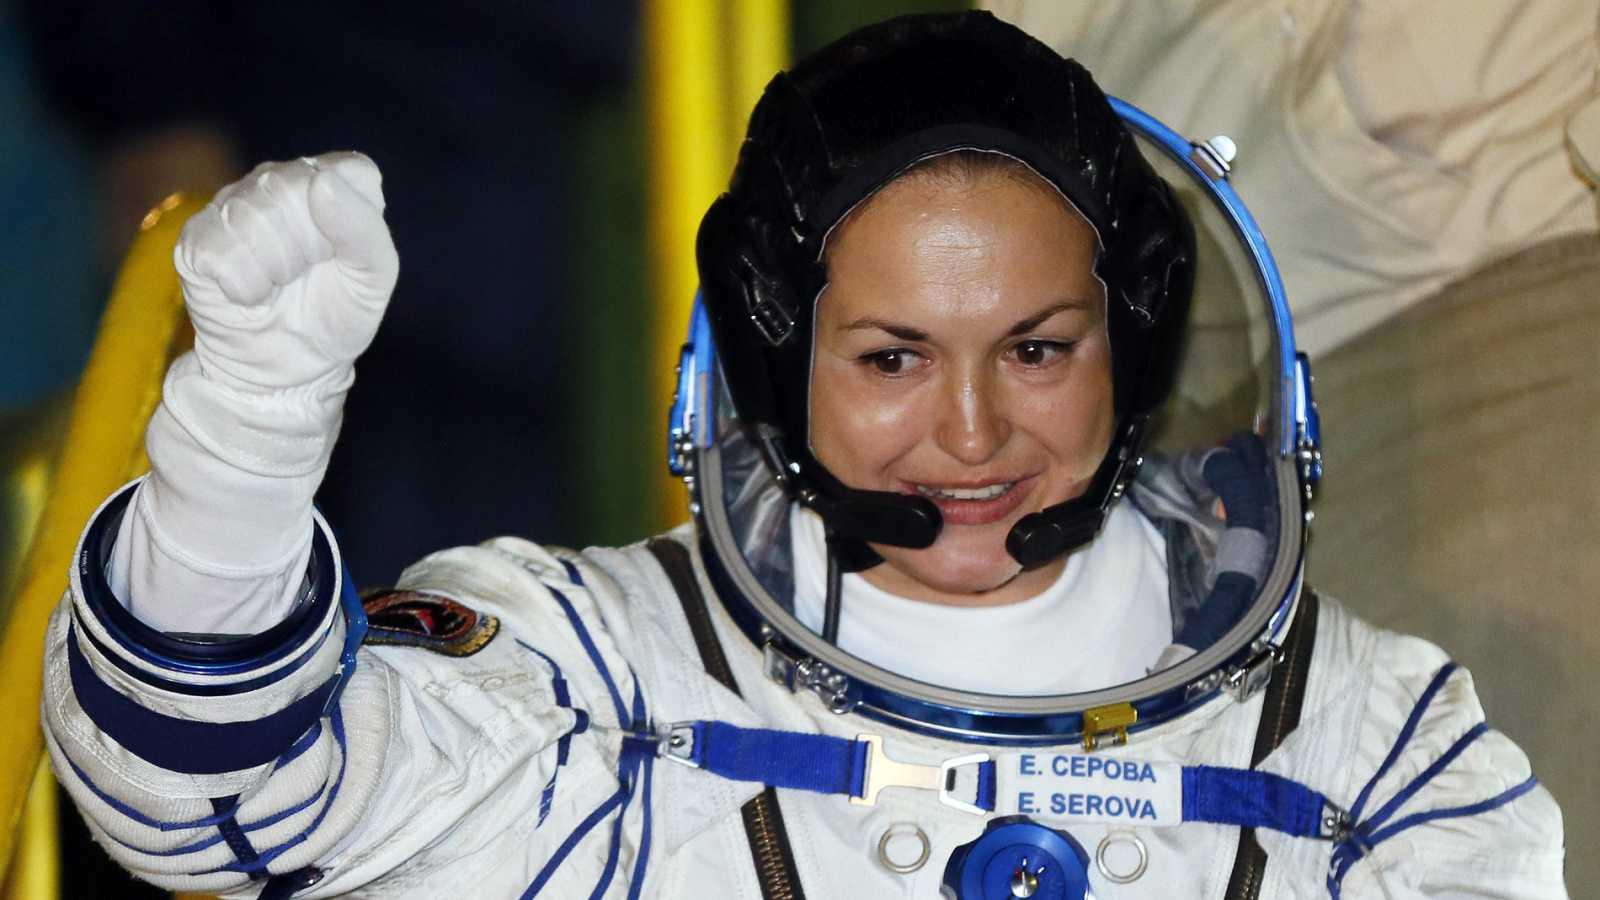 64 mujeres ya han sido astronautas y otras se preparan para seguir su estela